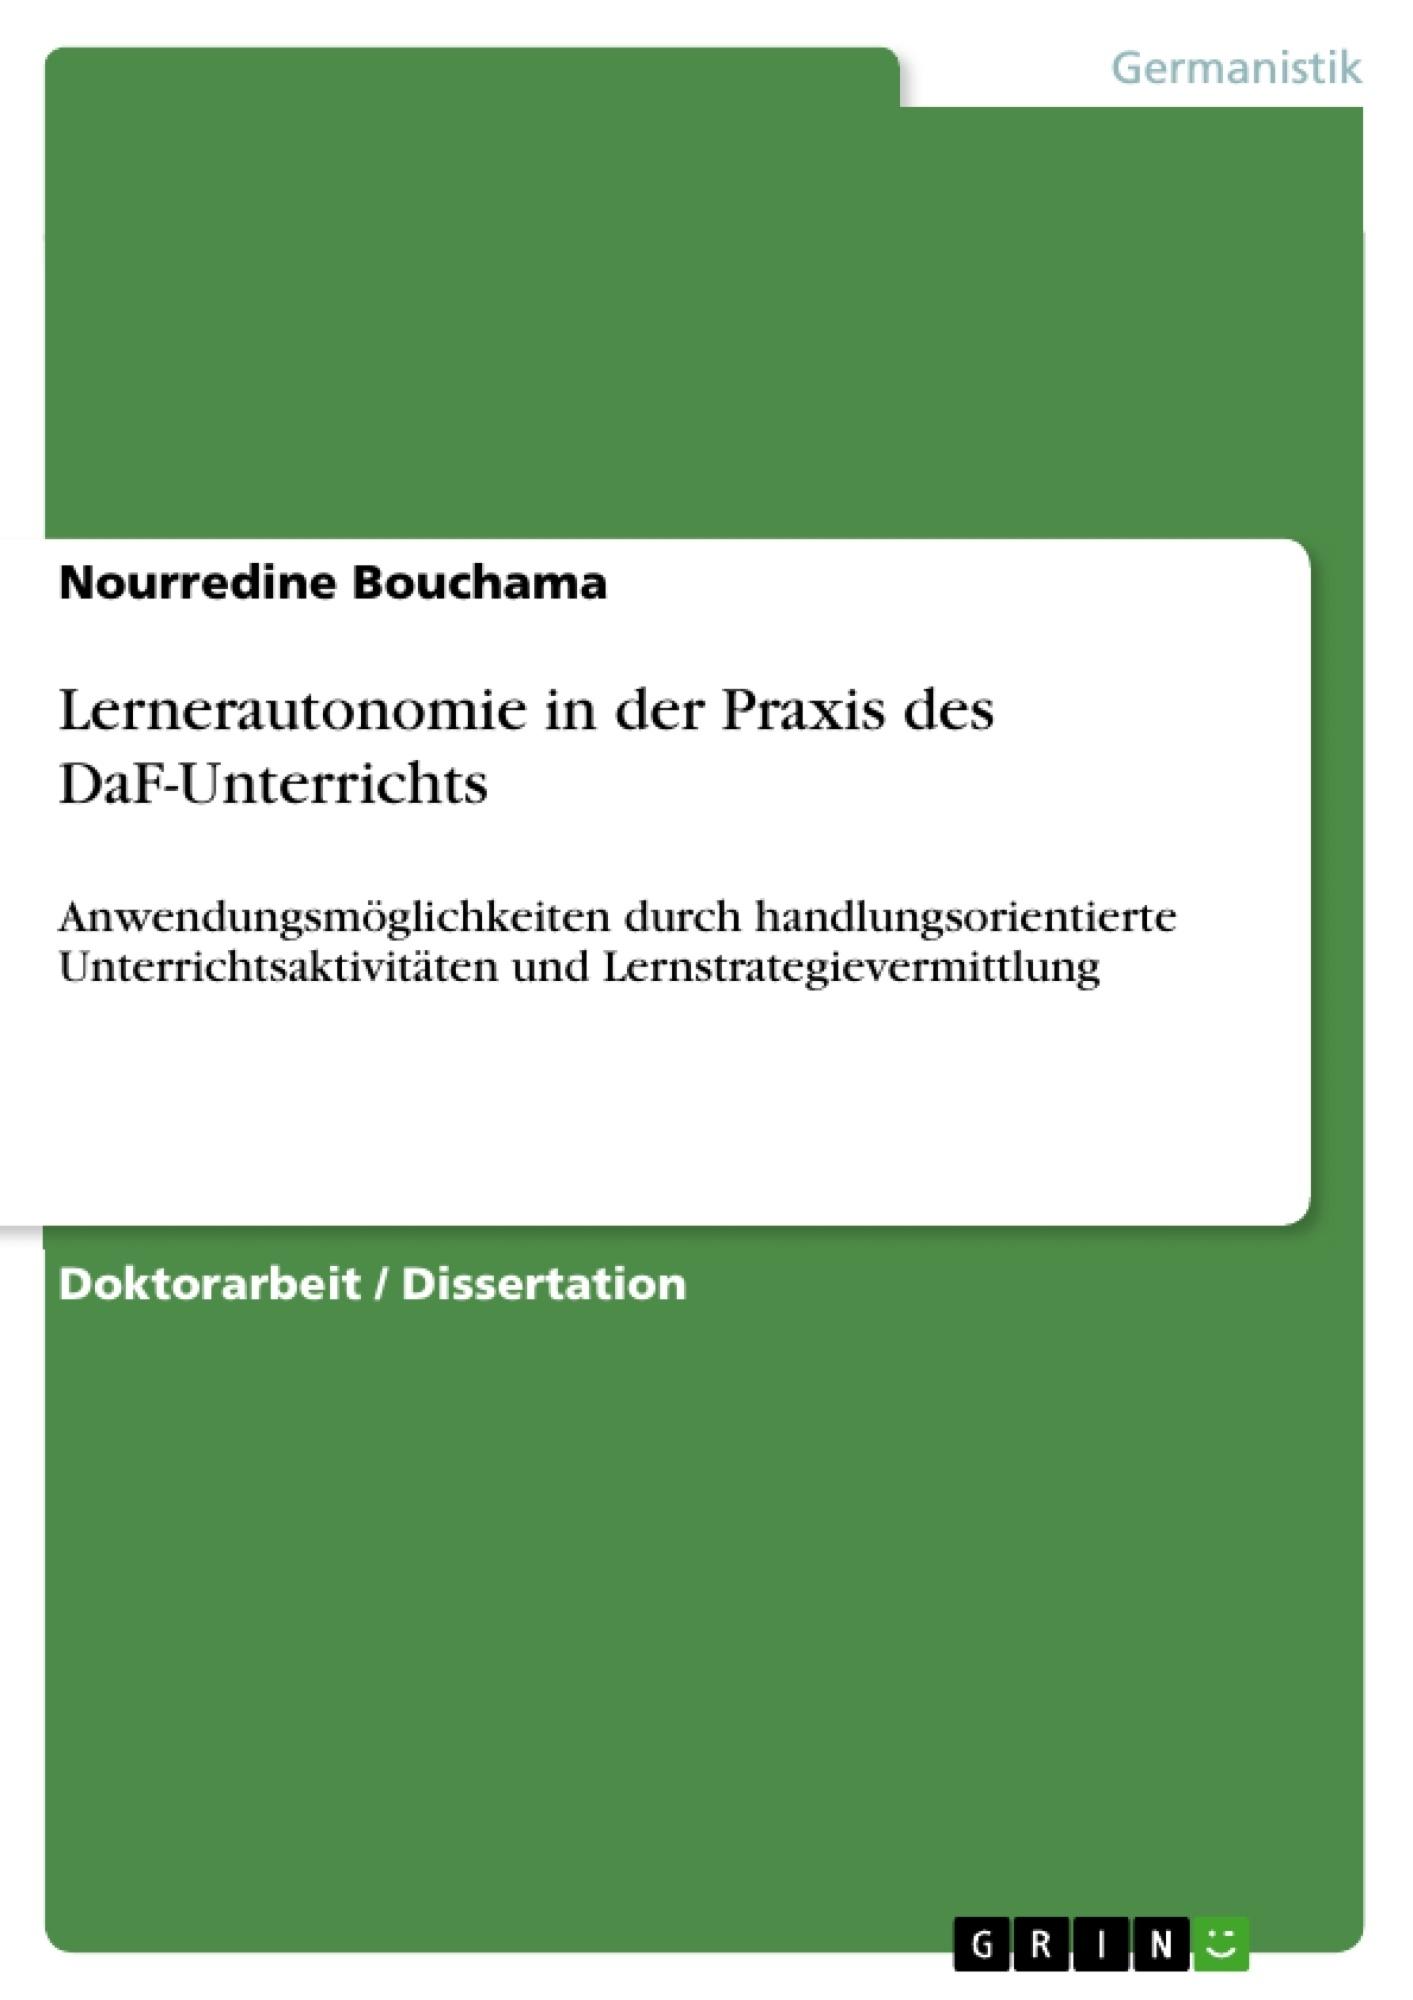 Titel: Lernerautonomie in der Praxis des DaF-Unterrichts